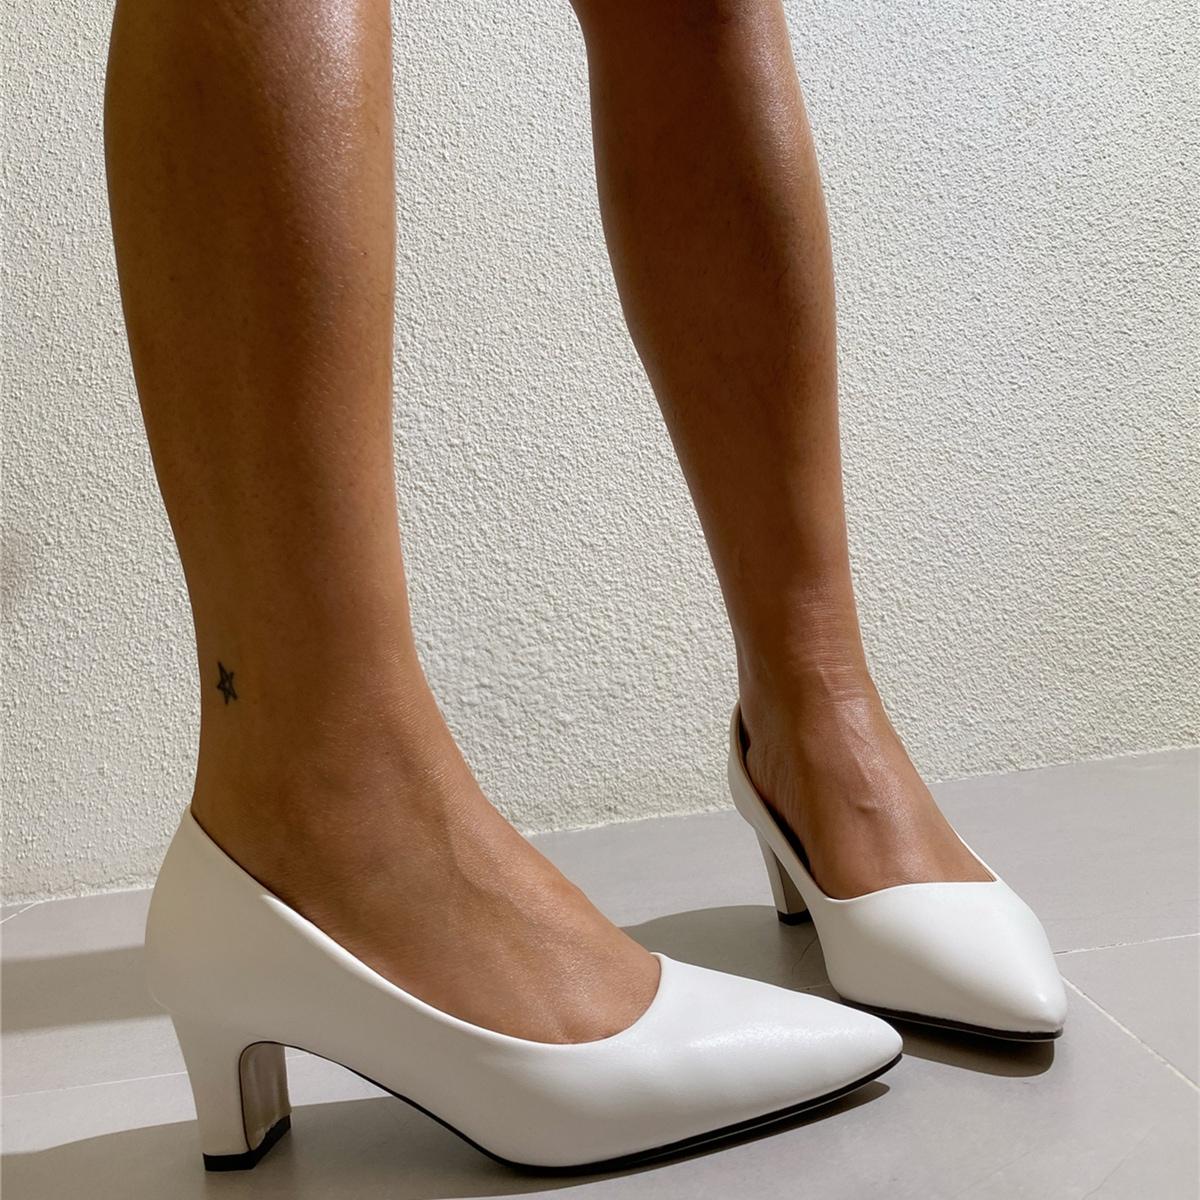 Остроконечные туфли на среднем каблуке